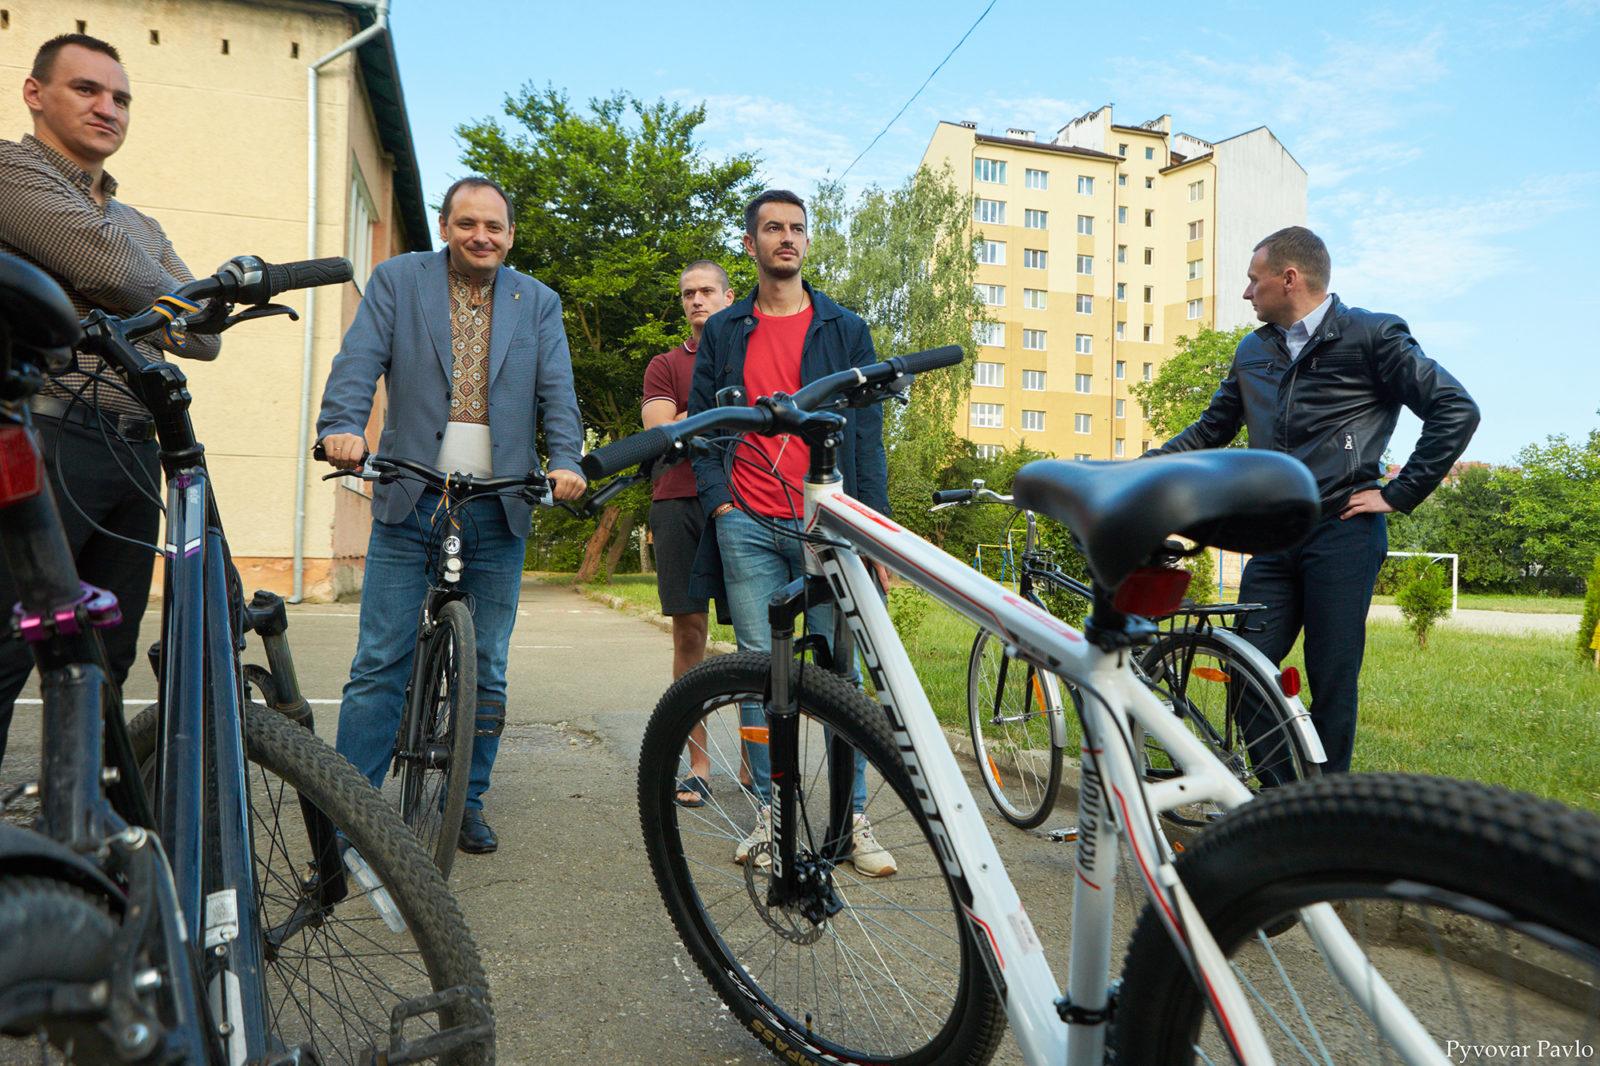 Марцінків на велосипеді перевірив, як прибирають вулиці Хмельницького та Вовчинецьку 4